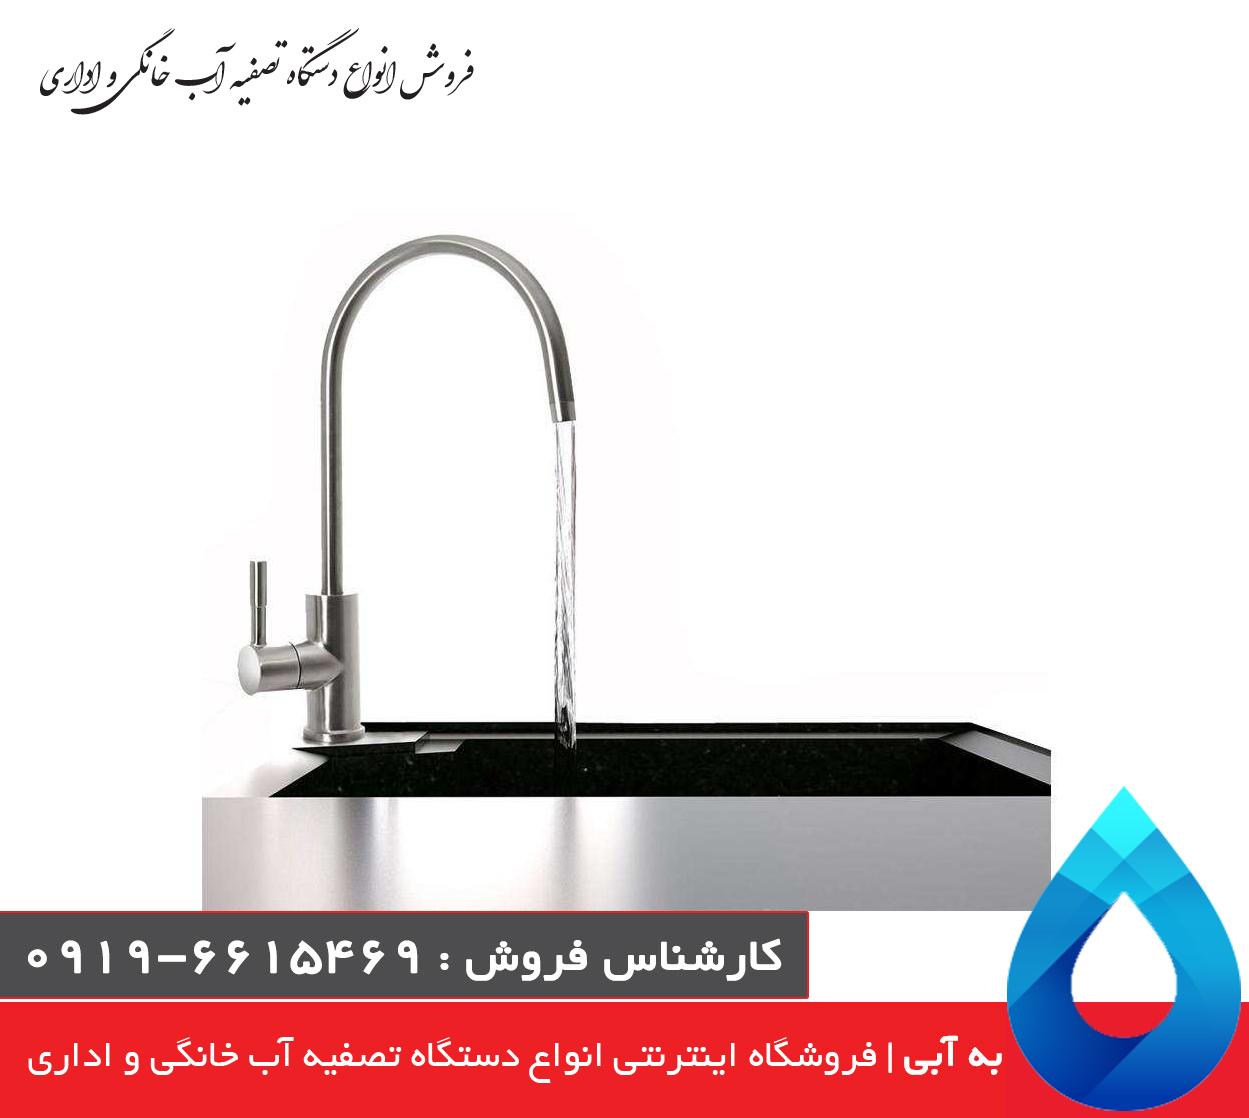 دستگاه تصفیه آب 8 مرحله ای سافت واتر -sink